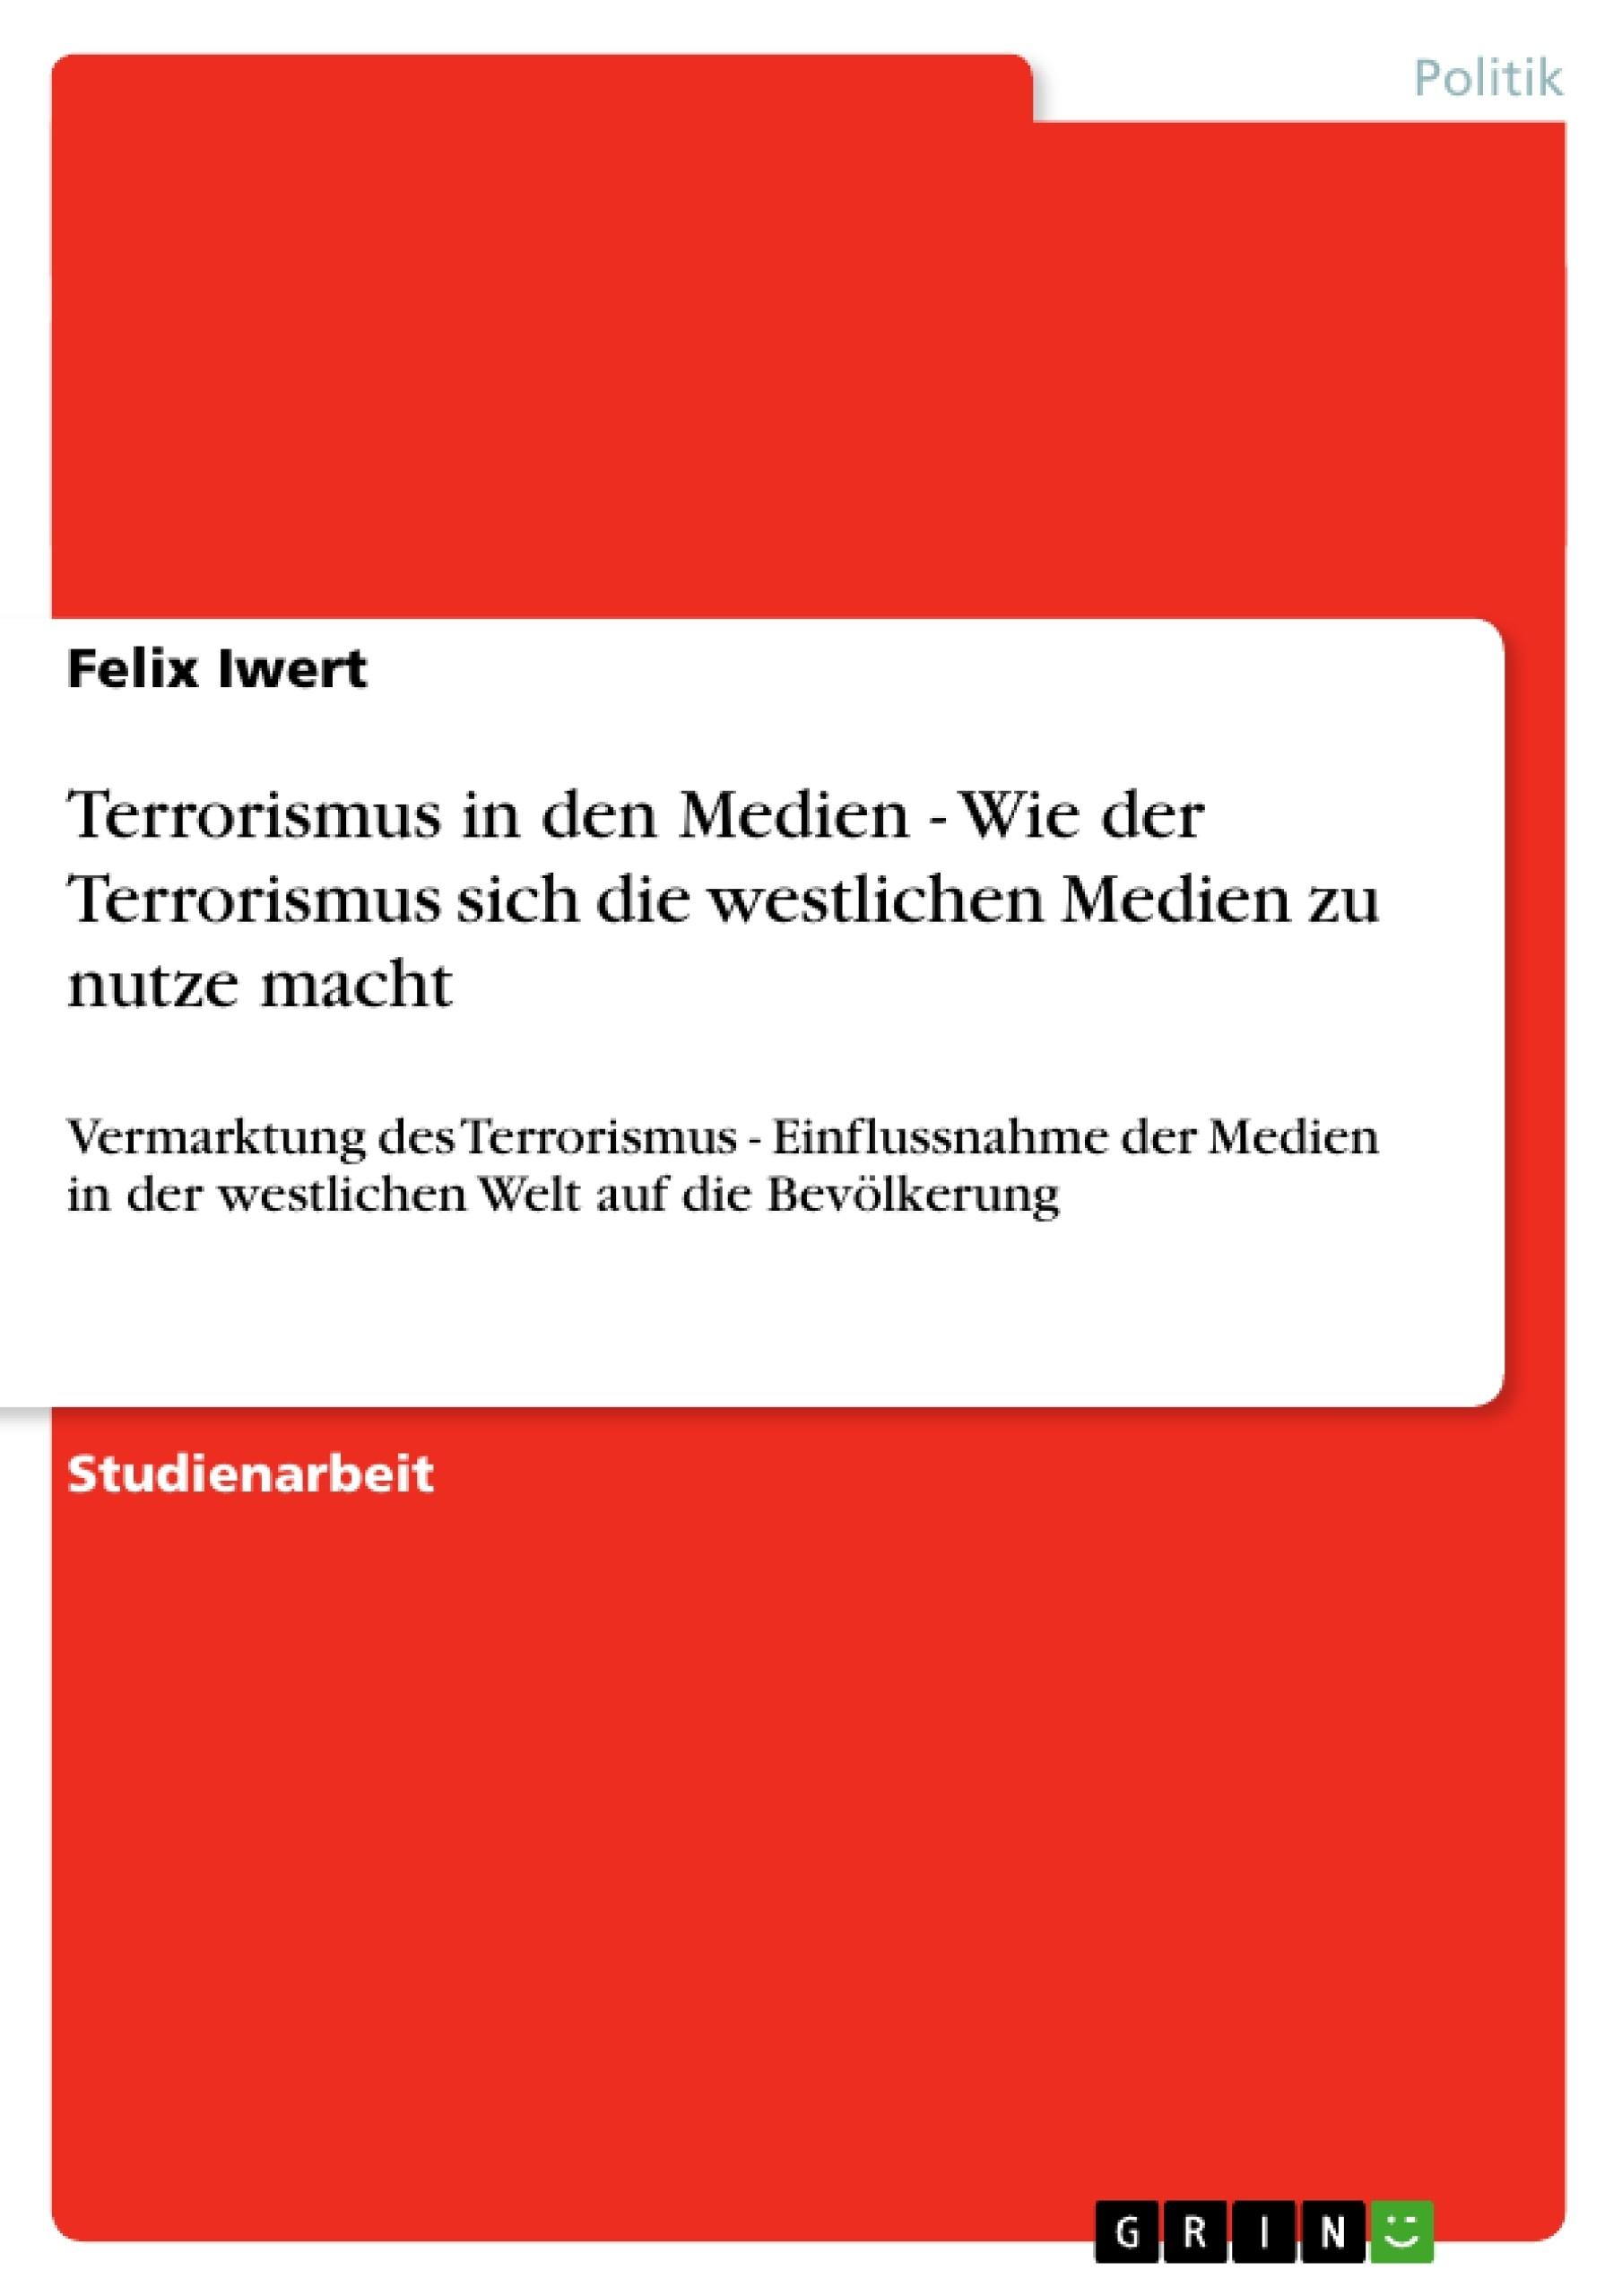 Titel: Terrorismus in den Medien - Wie der Terrorismus sich die westlichen Medien zu nutze macht